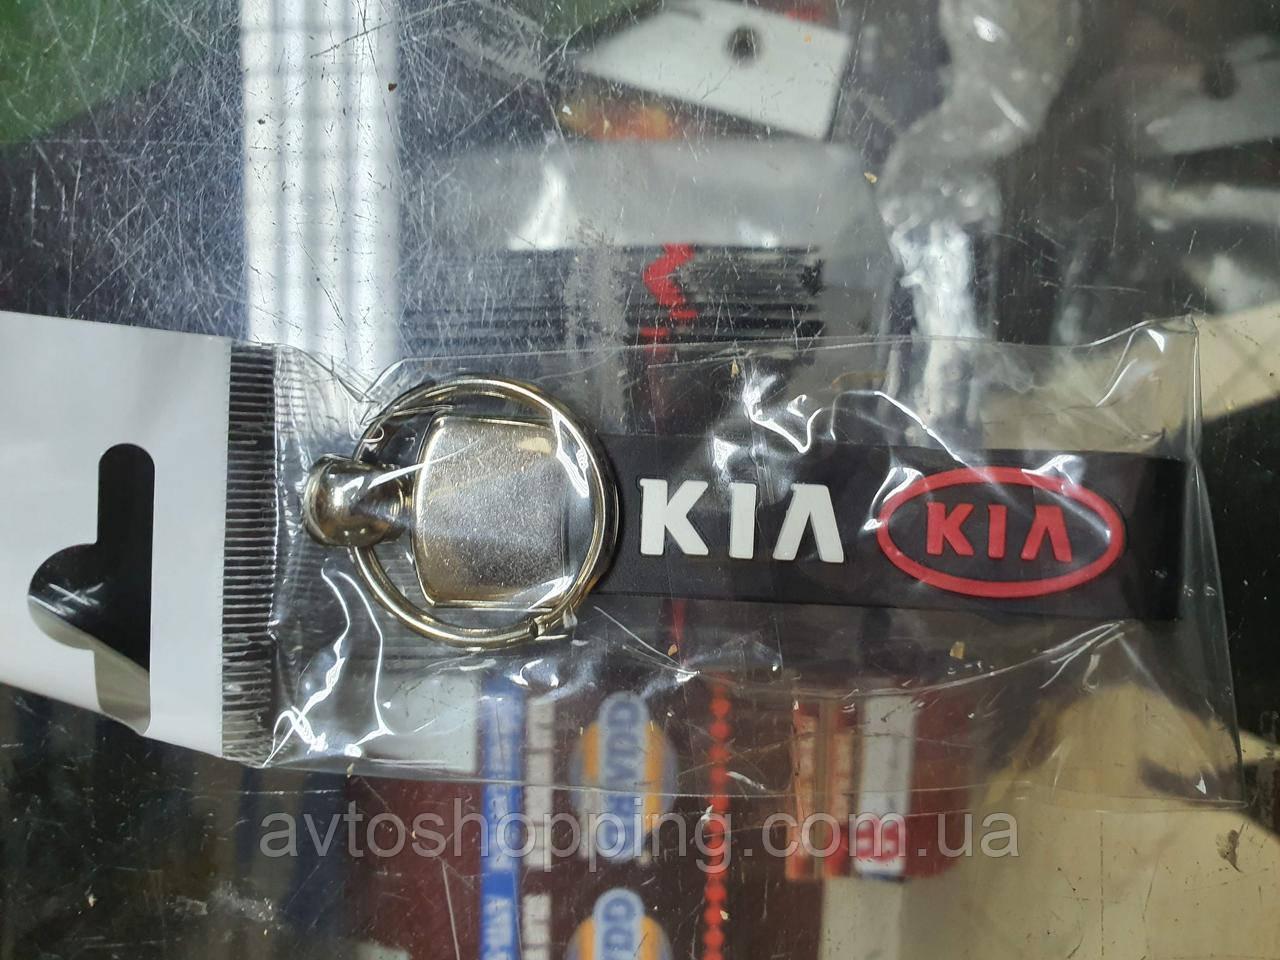 Автомобільний Брелок силіконовий для ключів Кіа Kia, Якість! Туреччина! Брелок для ключів авто